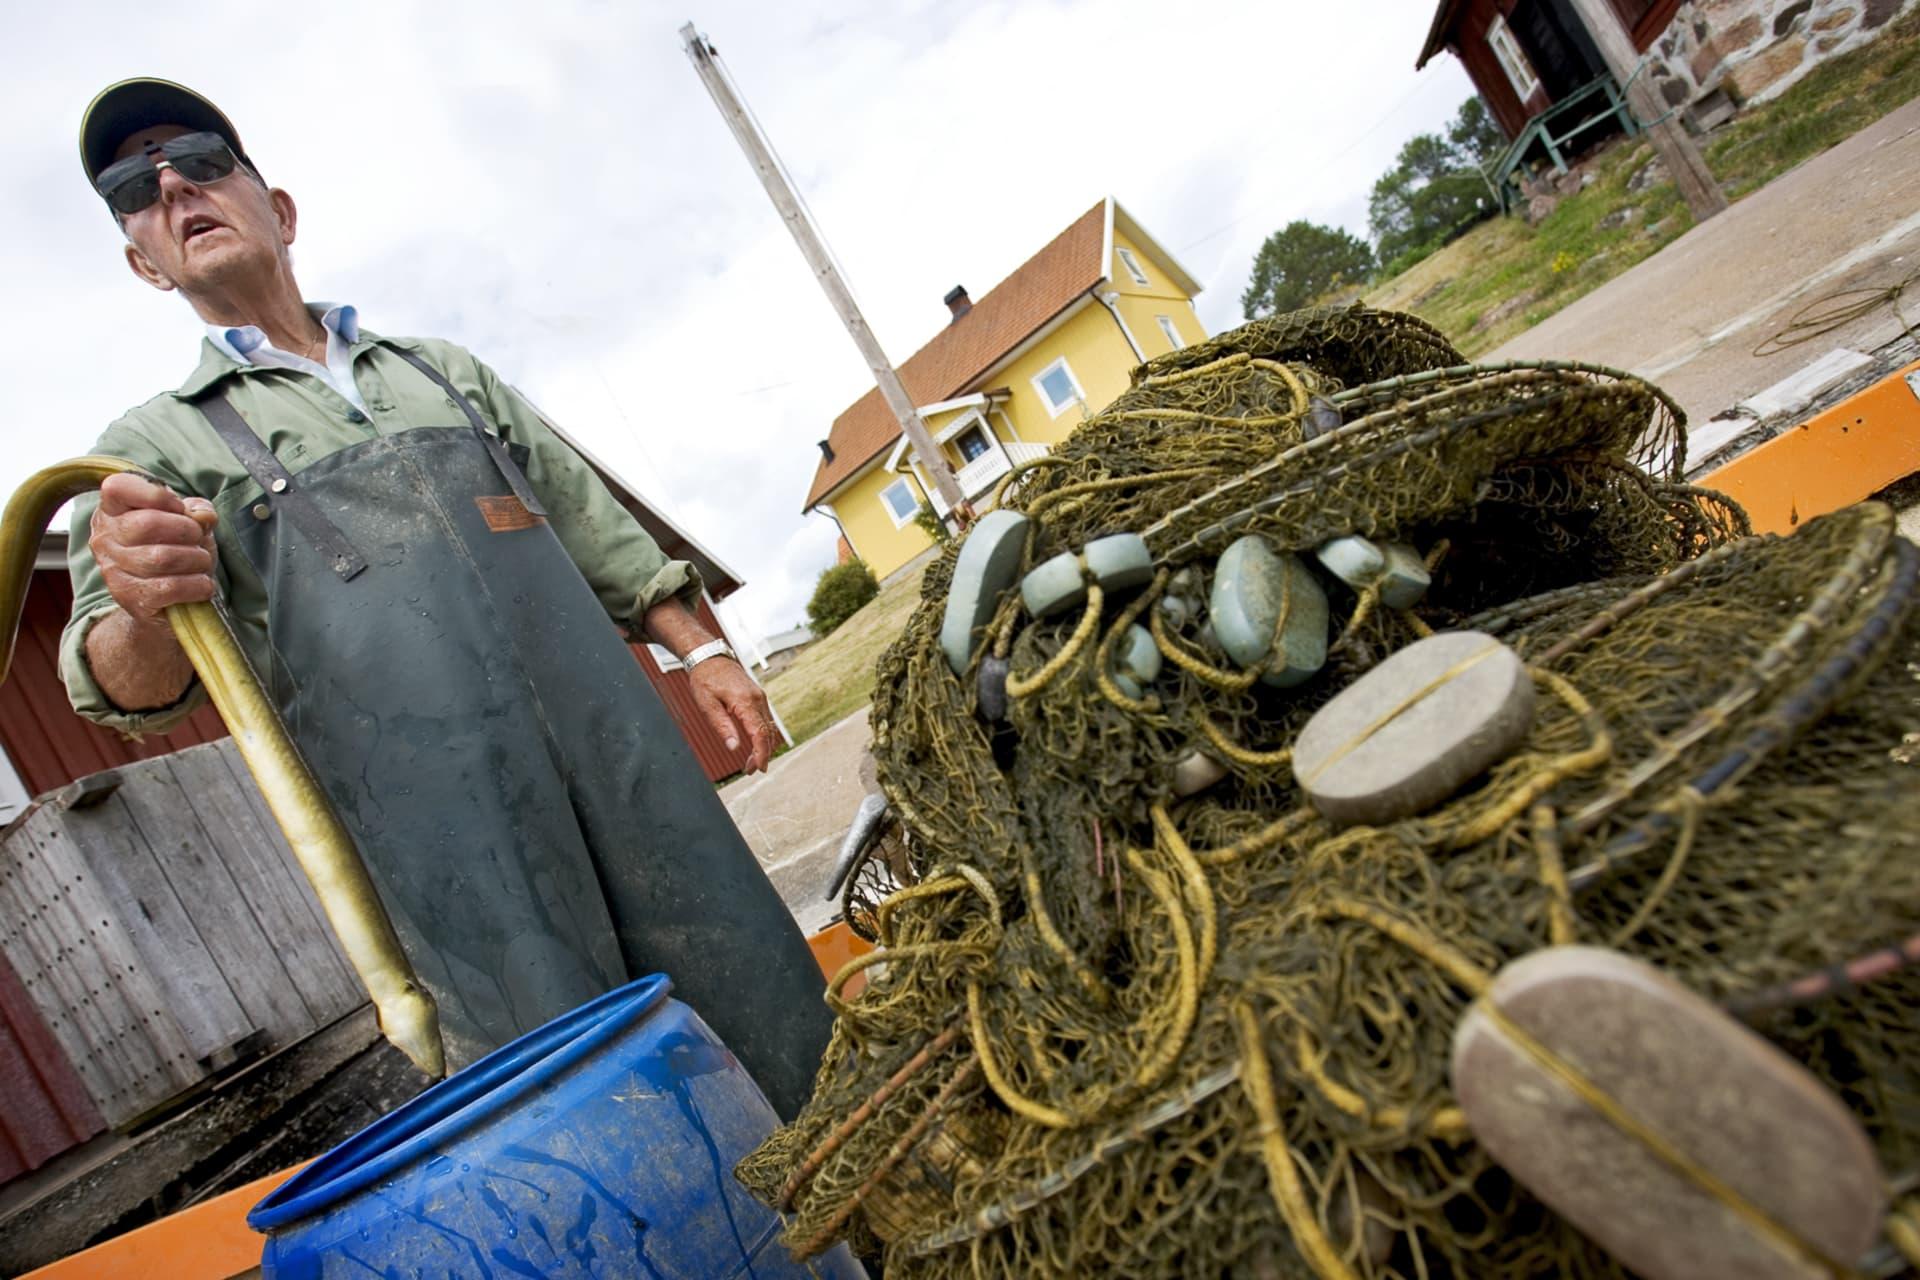 Alvar Karlsson på Marsö fiskar ål. Det är mindre fils och mindre ål och det blir mindre fiskat på gamla dar.